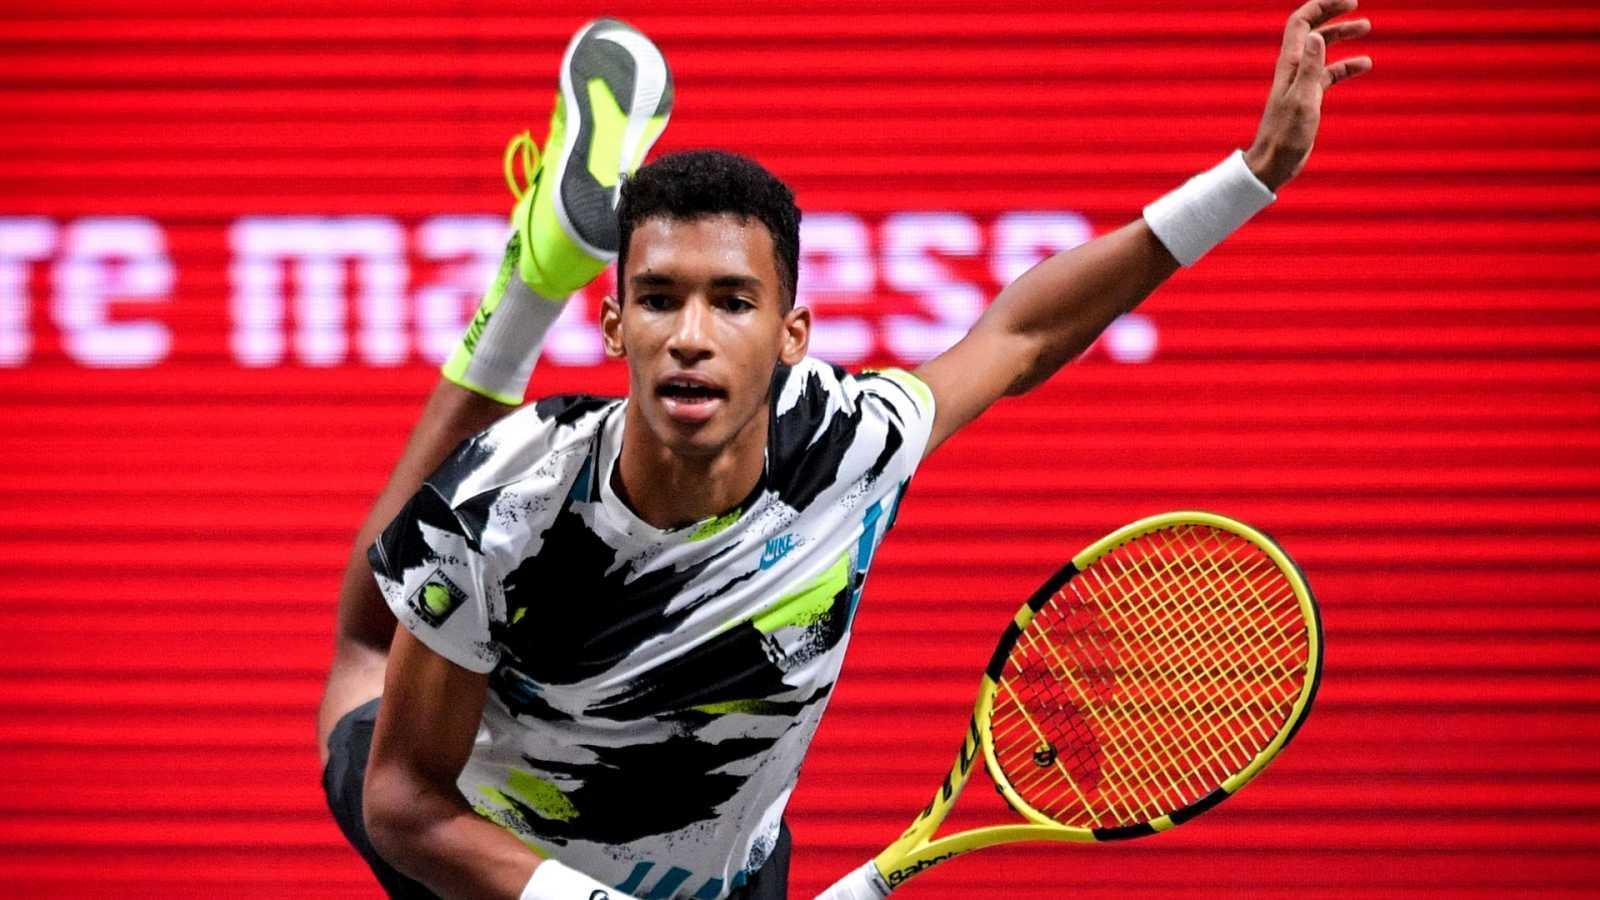 Tenis - ATP 250 Torneo Colonia. Semifinal: F. Auger-Aliassime- R. Bautista Agut - ver ahora